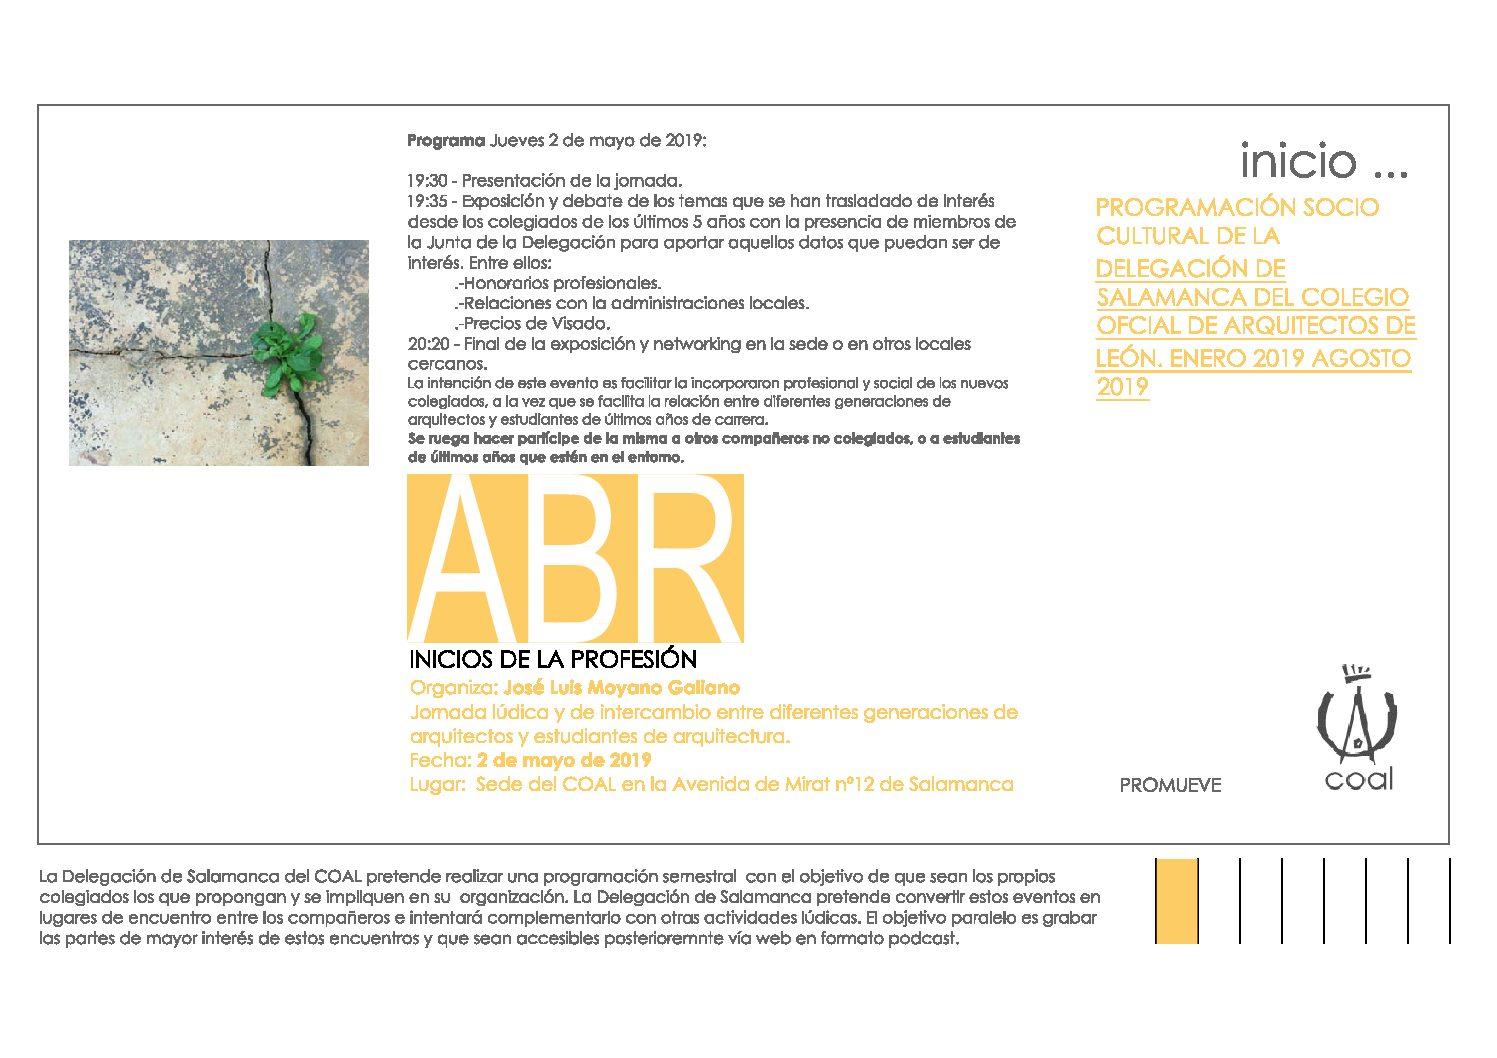 Programación Sociocultural de la Delegación de Salamanca. Jornada «Inicios de la Profesión»